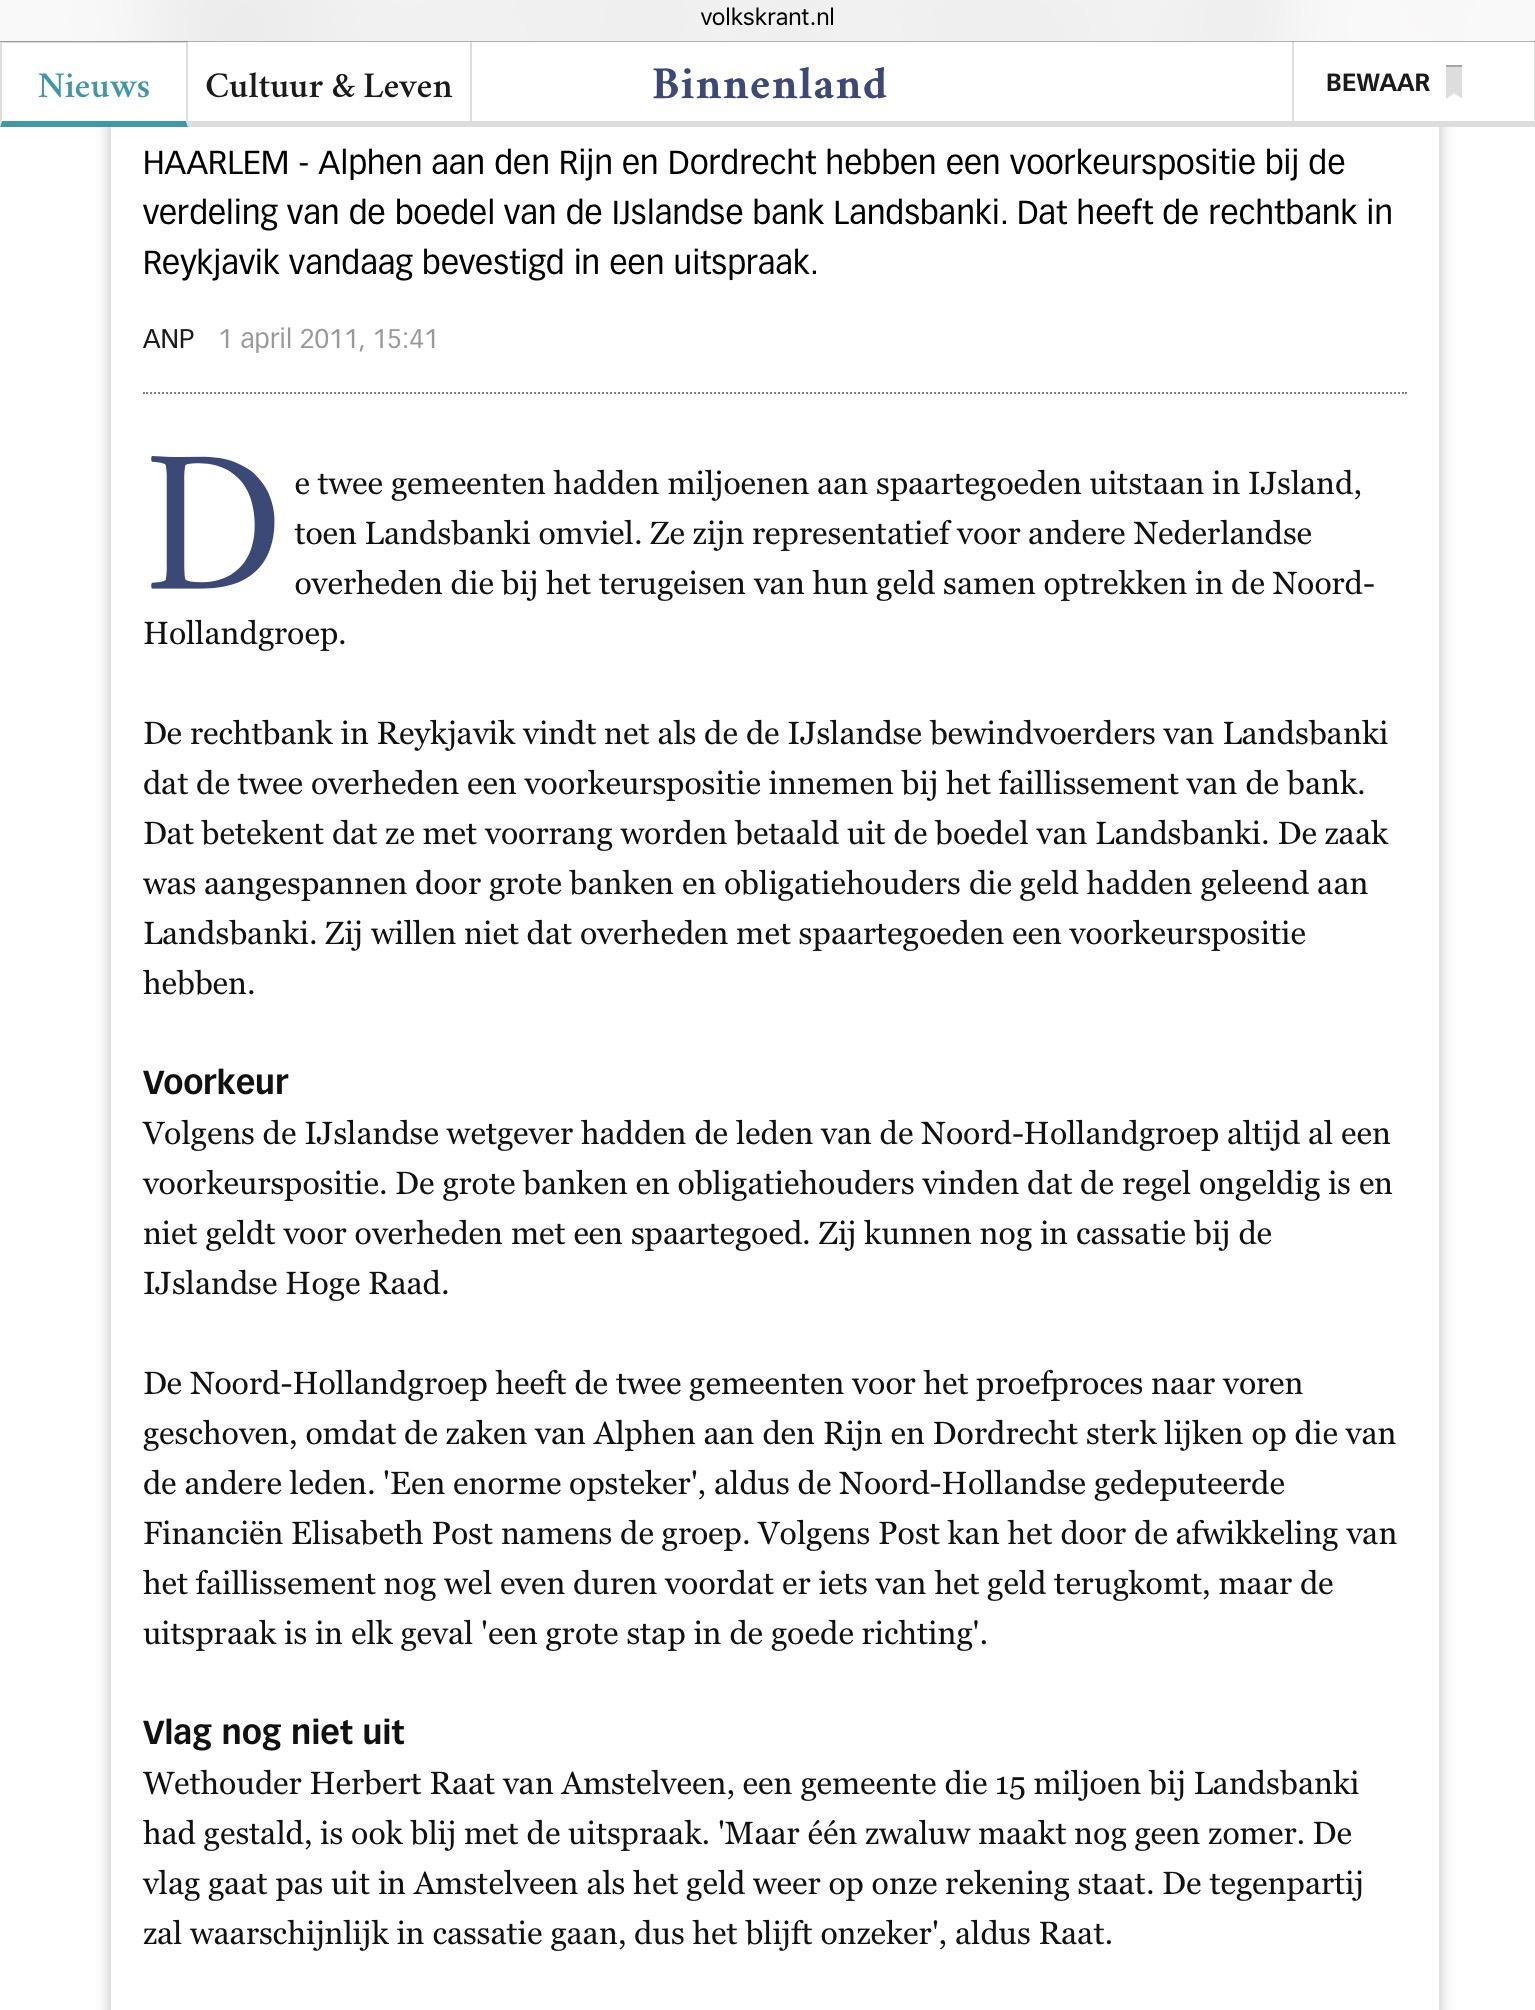 2011-1-4 De Volkskrant: Herbert Raat over Landsbanki Amstelveen